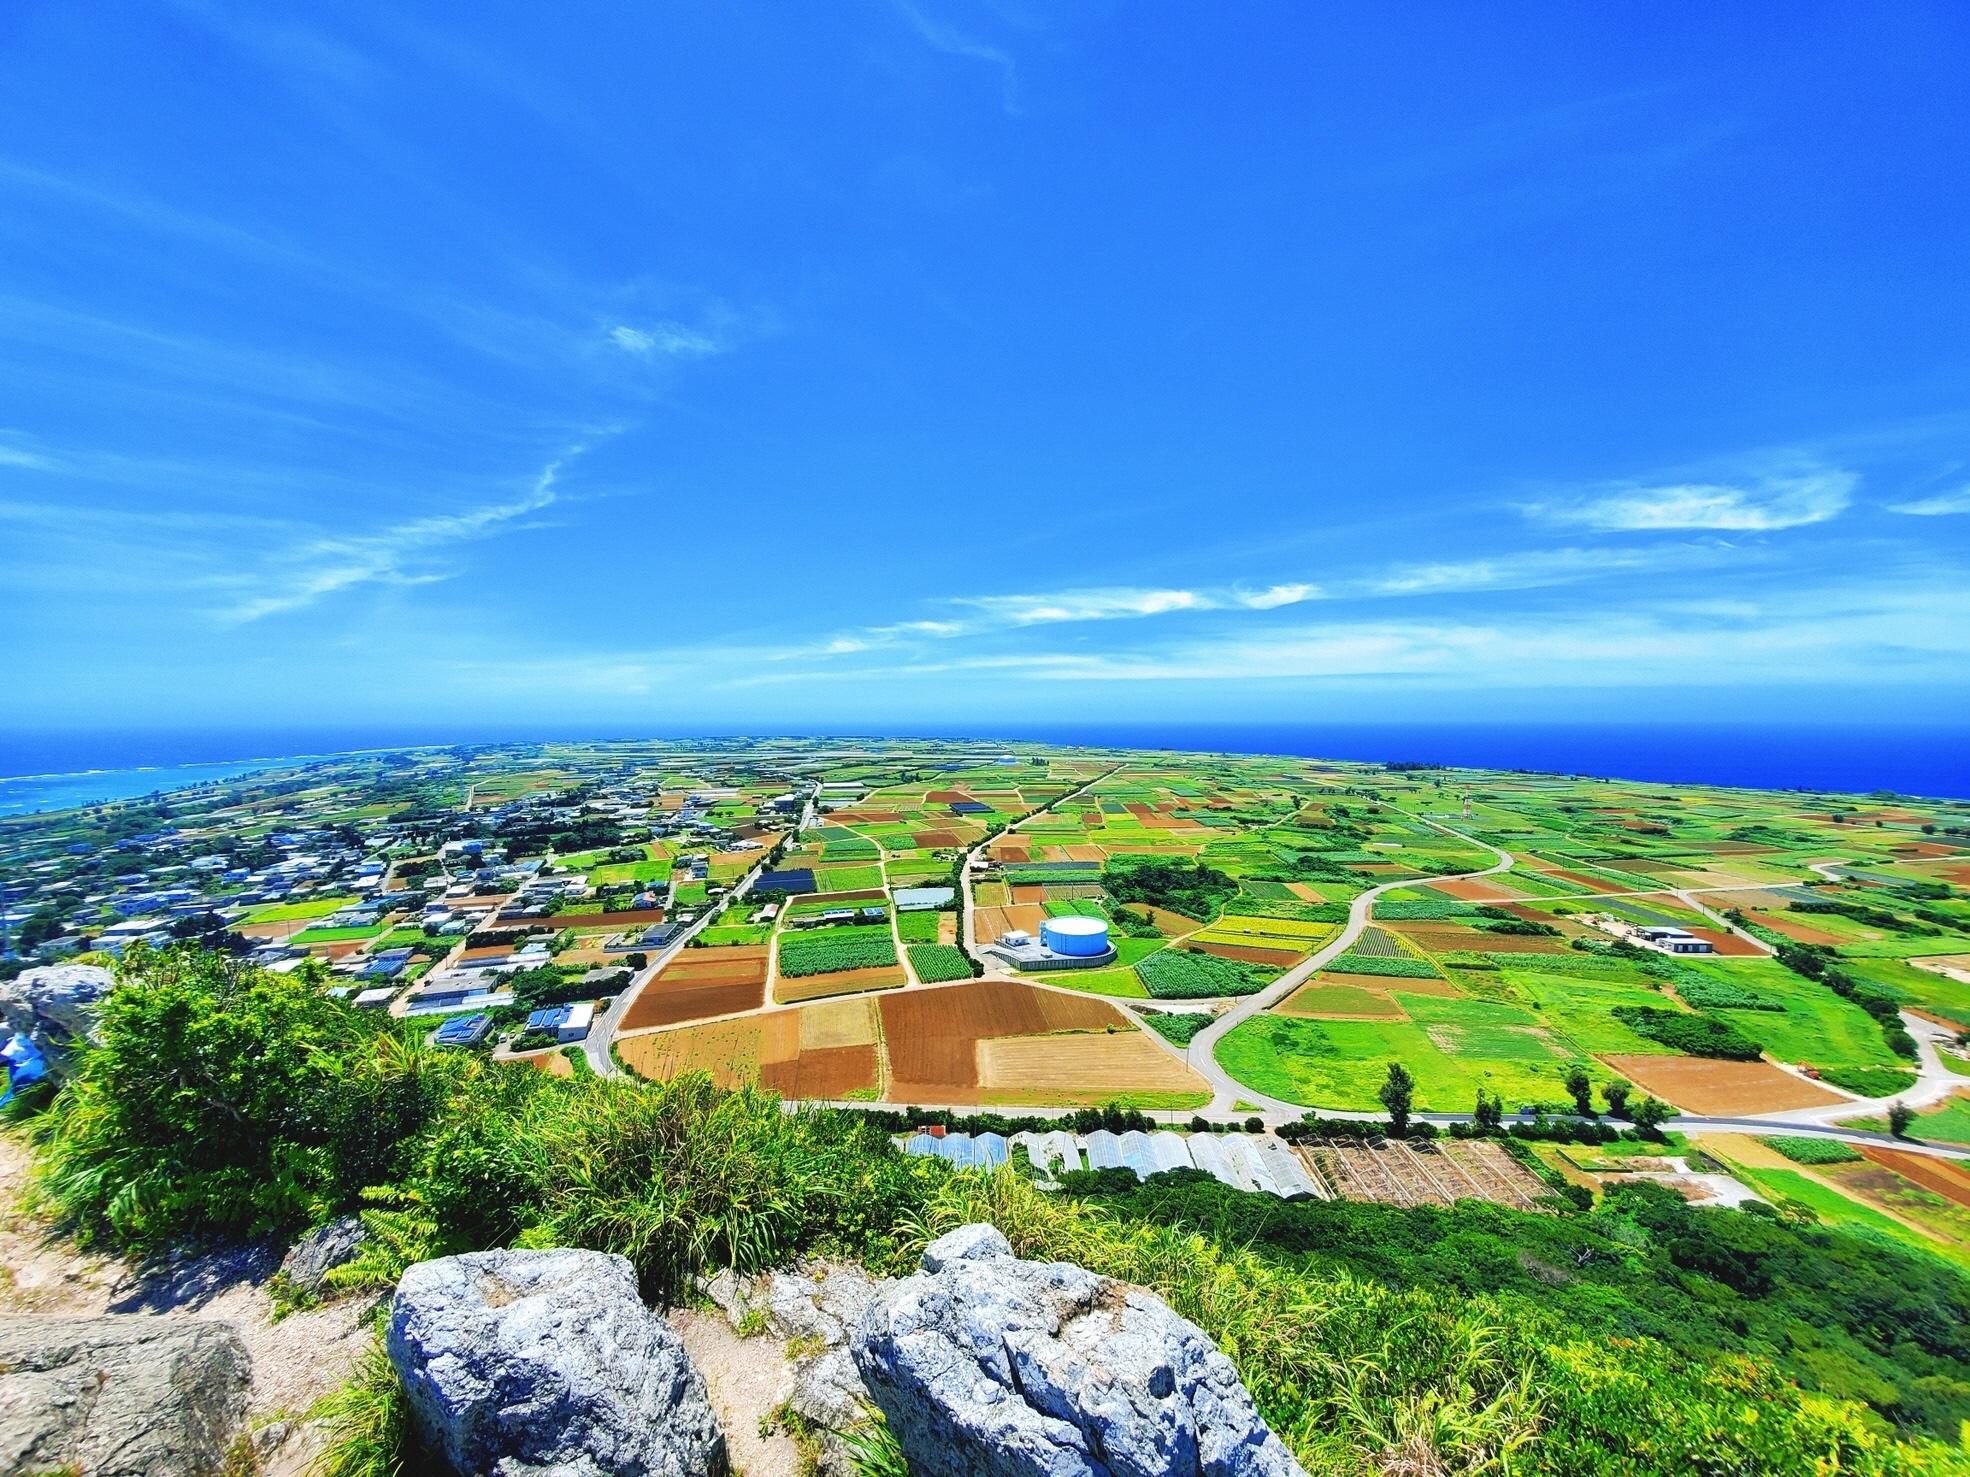 沖縄の離島の中でも片道フェリーで30分の便利な島・伊江島!あなたのスキルを活かした仕事をしながら、一緒に「魅力ある島」をつくりませんか?